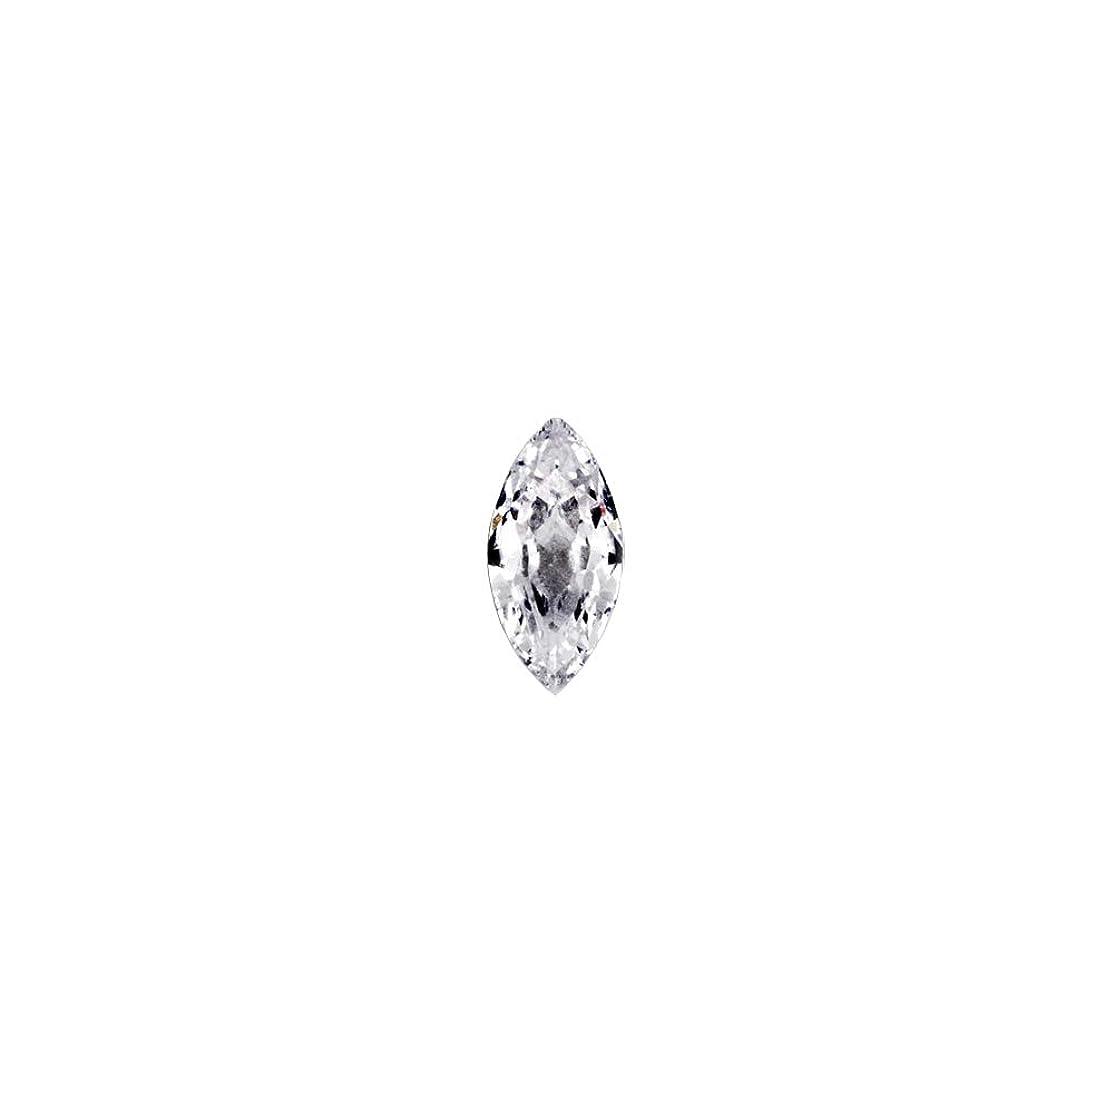 呼び起こす不規則性パラダイスラインストーン ジルコニア製 グロッシーストーン 【3mm×6mm】8個入りネイルパーツ ストーン クリスタル Vカット ジュエリー リーフ 模造ダイヤモンド